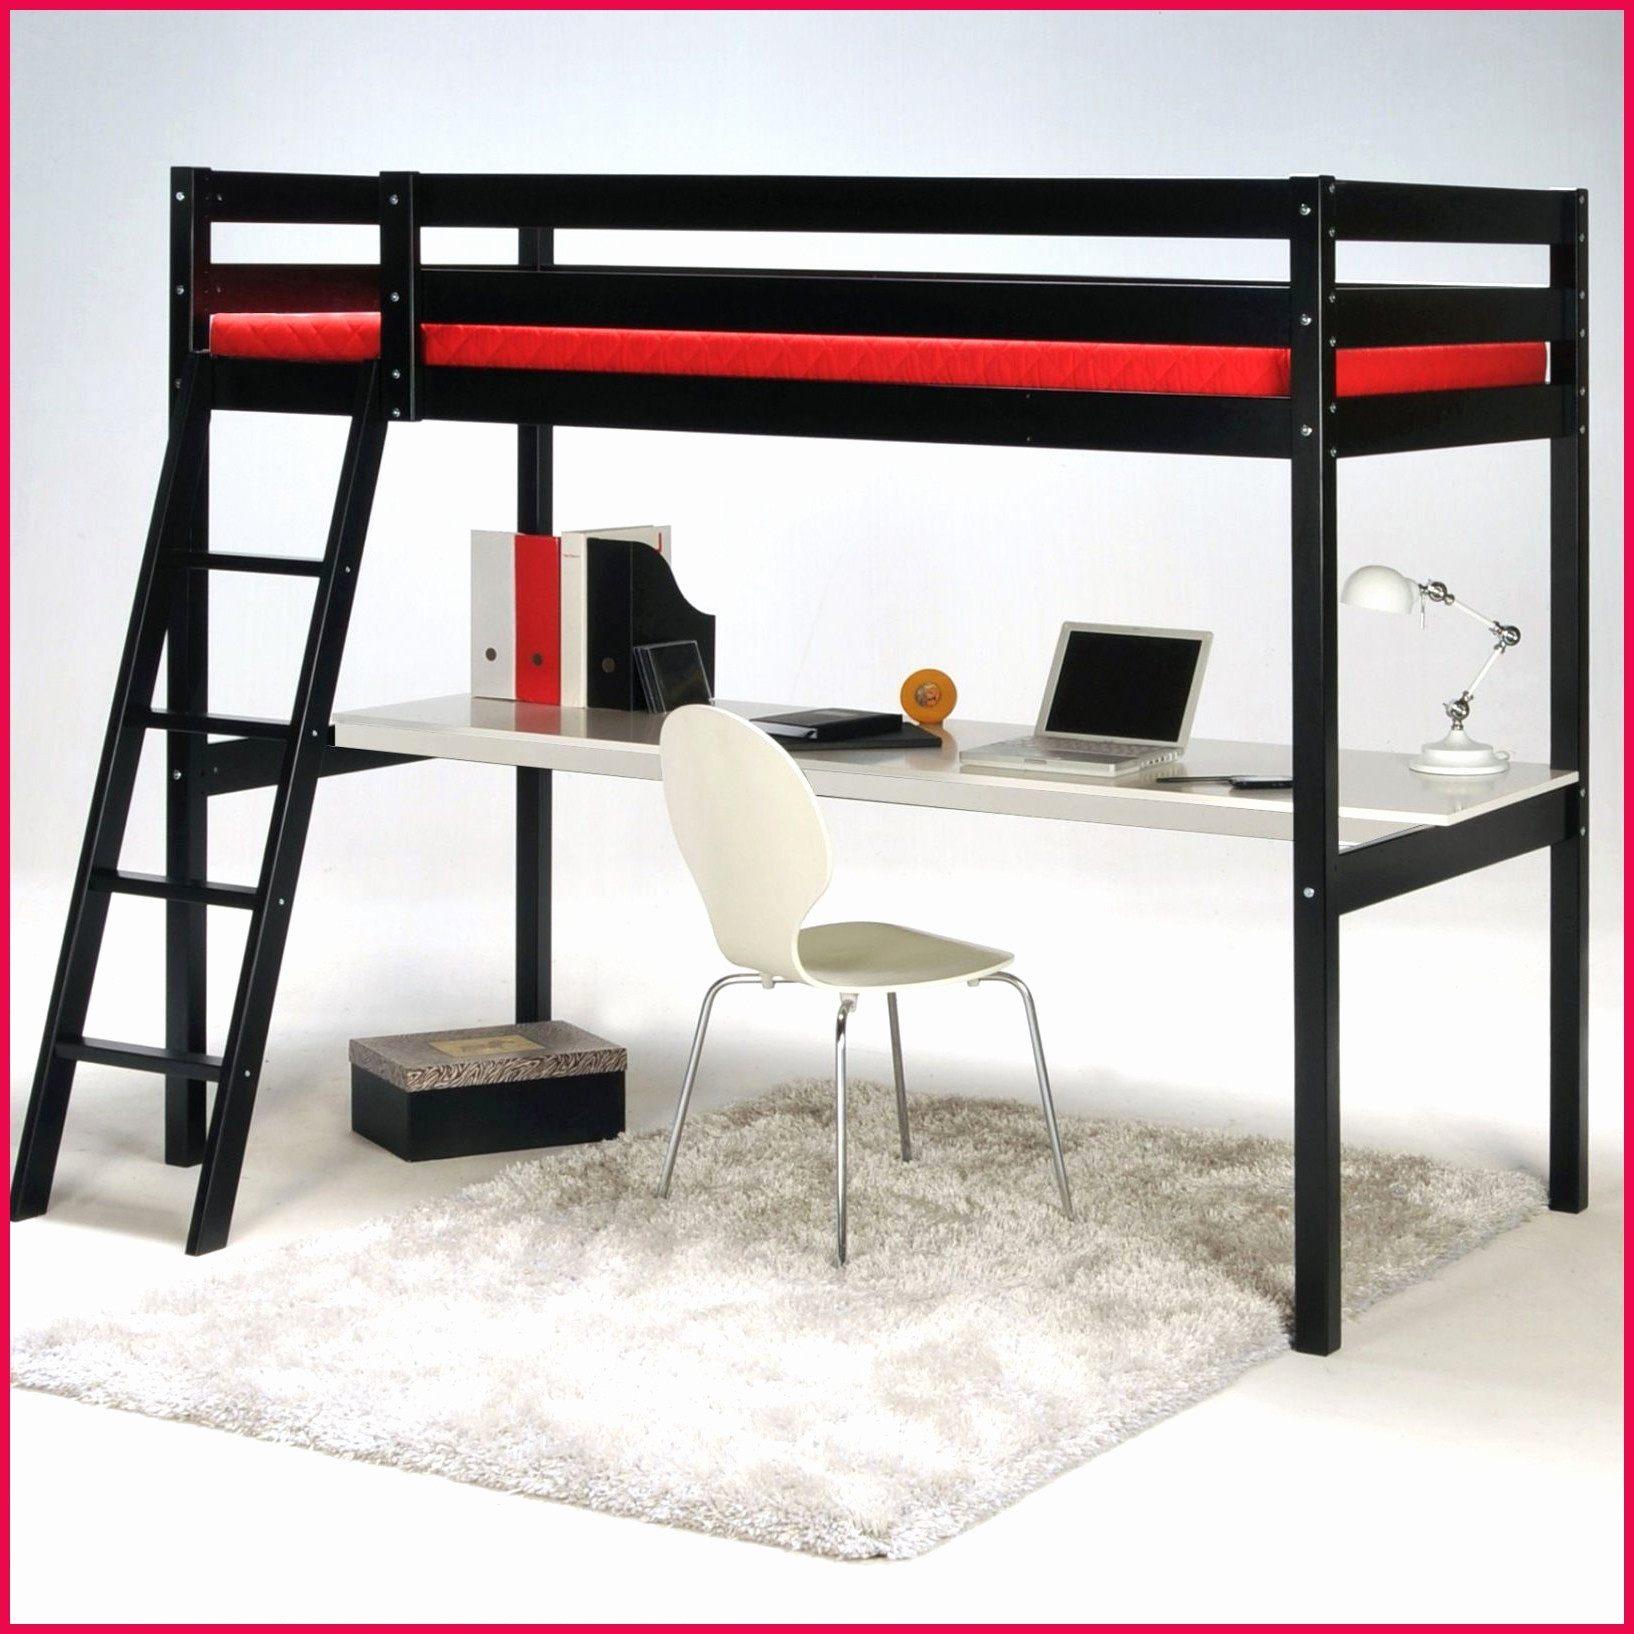 Enfant Lit Mezzanine Luxe Lit Mi Haut Enfant Lit Mezzanine Design Lit Mezzanine Design Unique